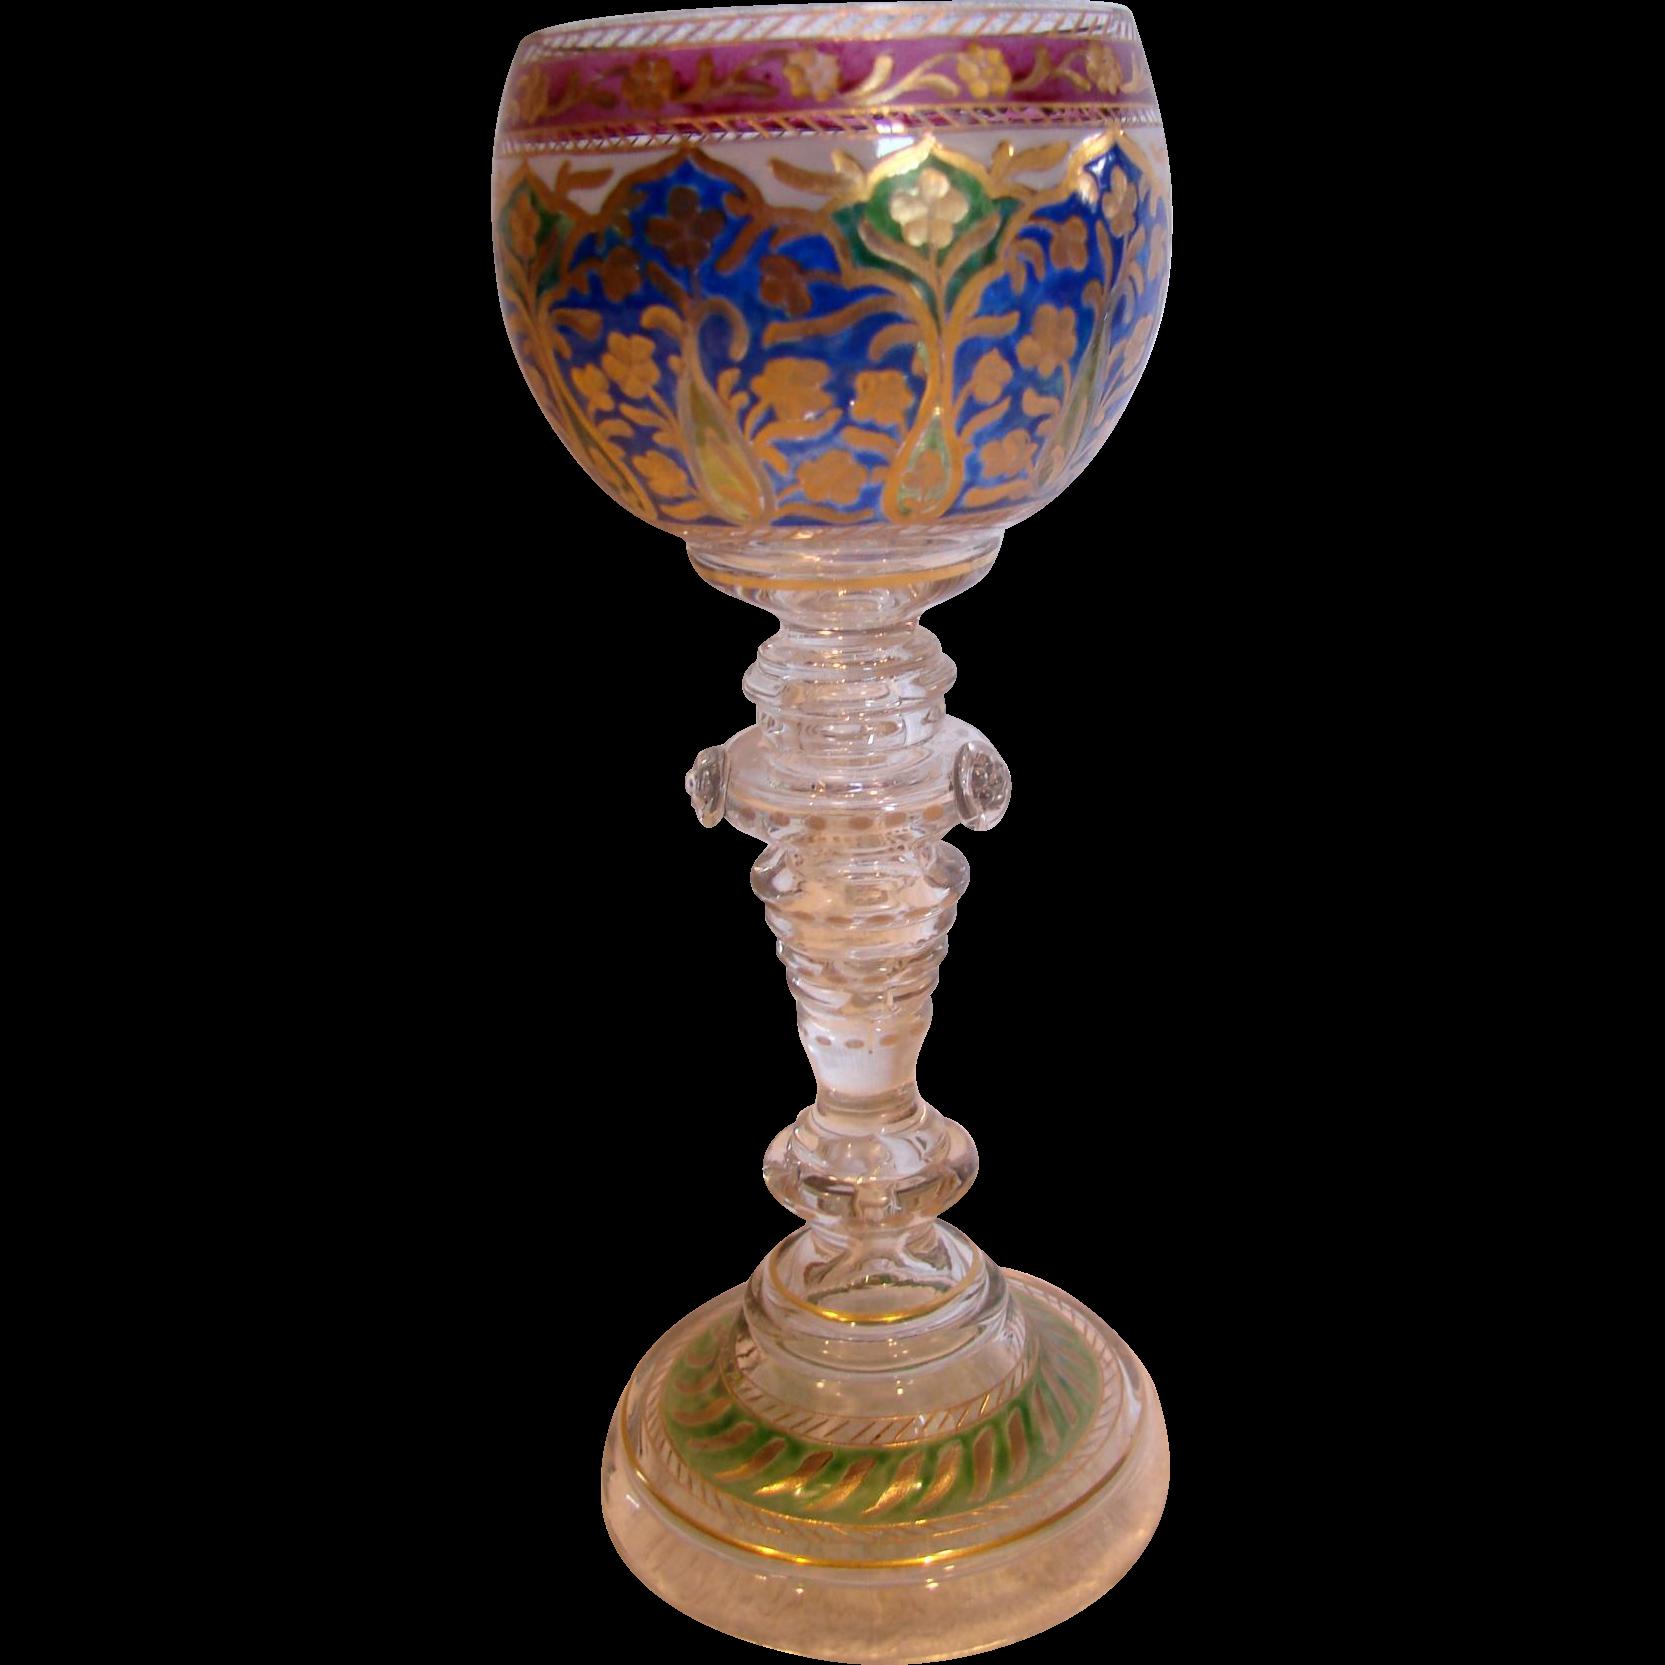 """Bohemian Czech Heckert Art Glass Wine Goblet 7 3/8"""" Crystal Base w Blue/Green/Cranberry Cup c 1880 - 1900"""